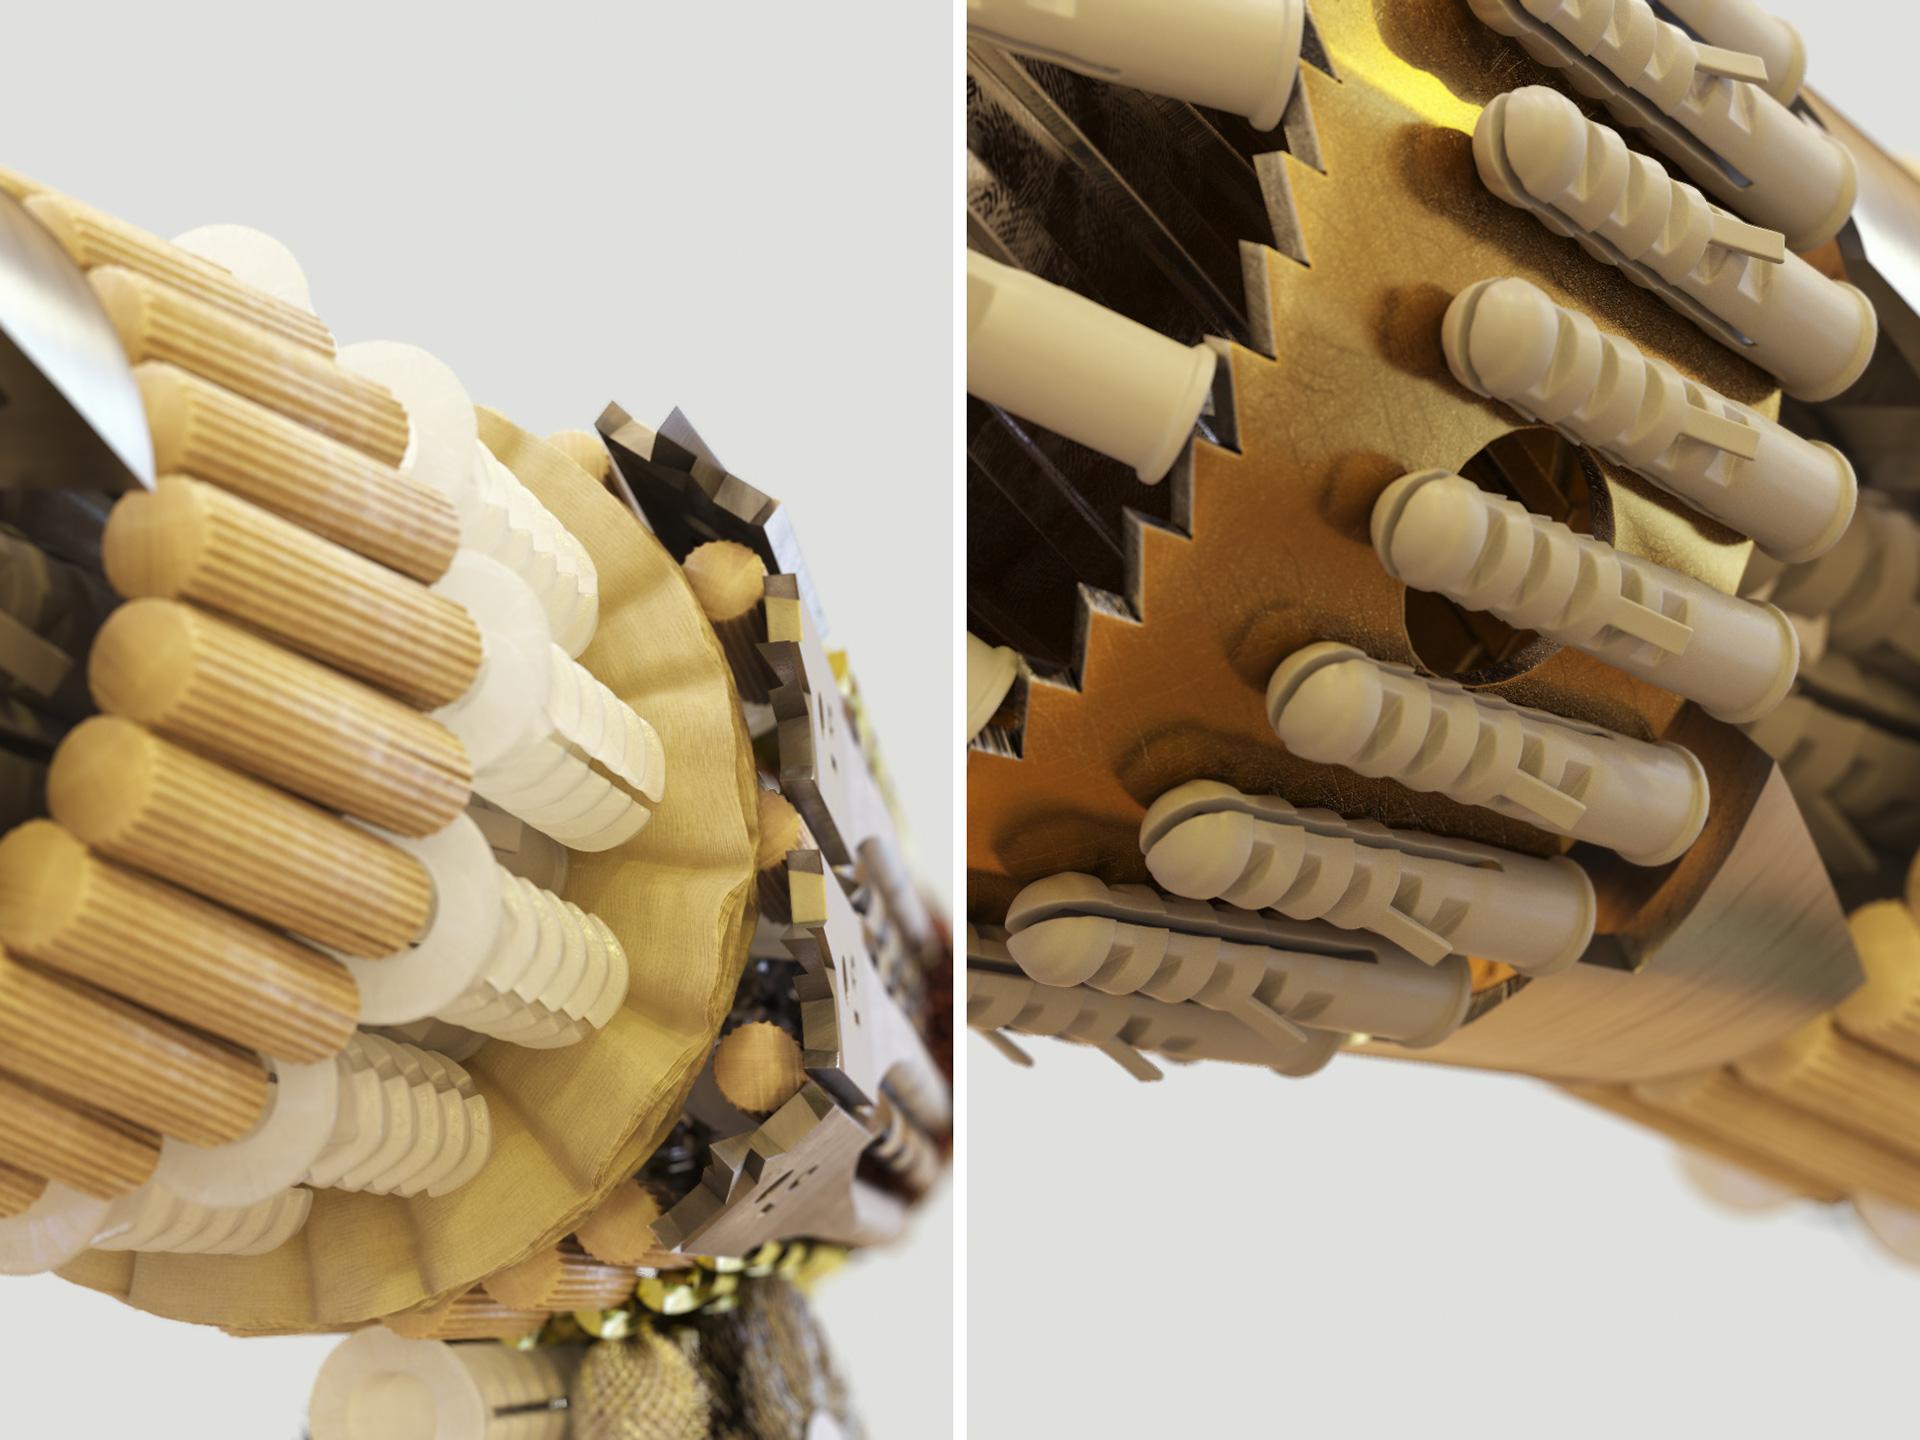 TOOLS - 3D Digital Art